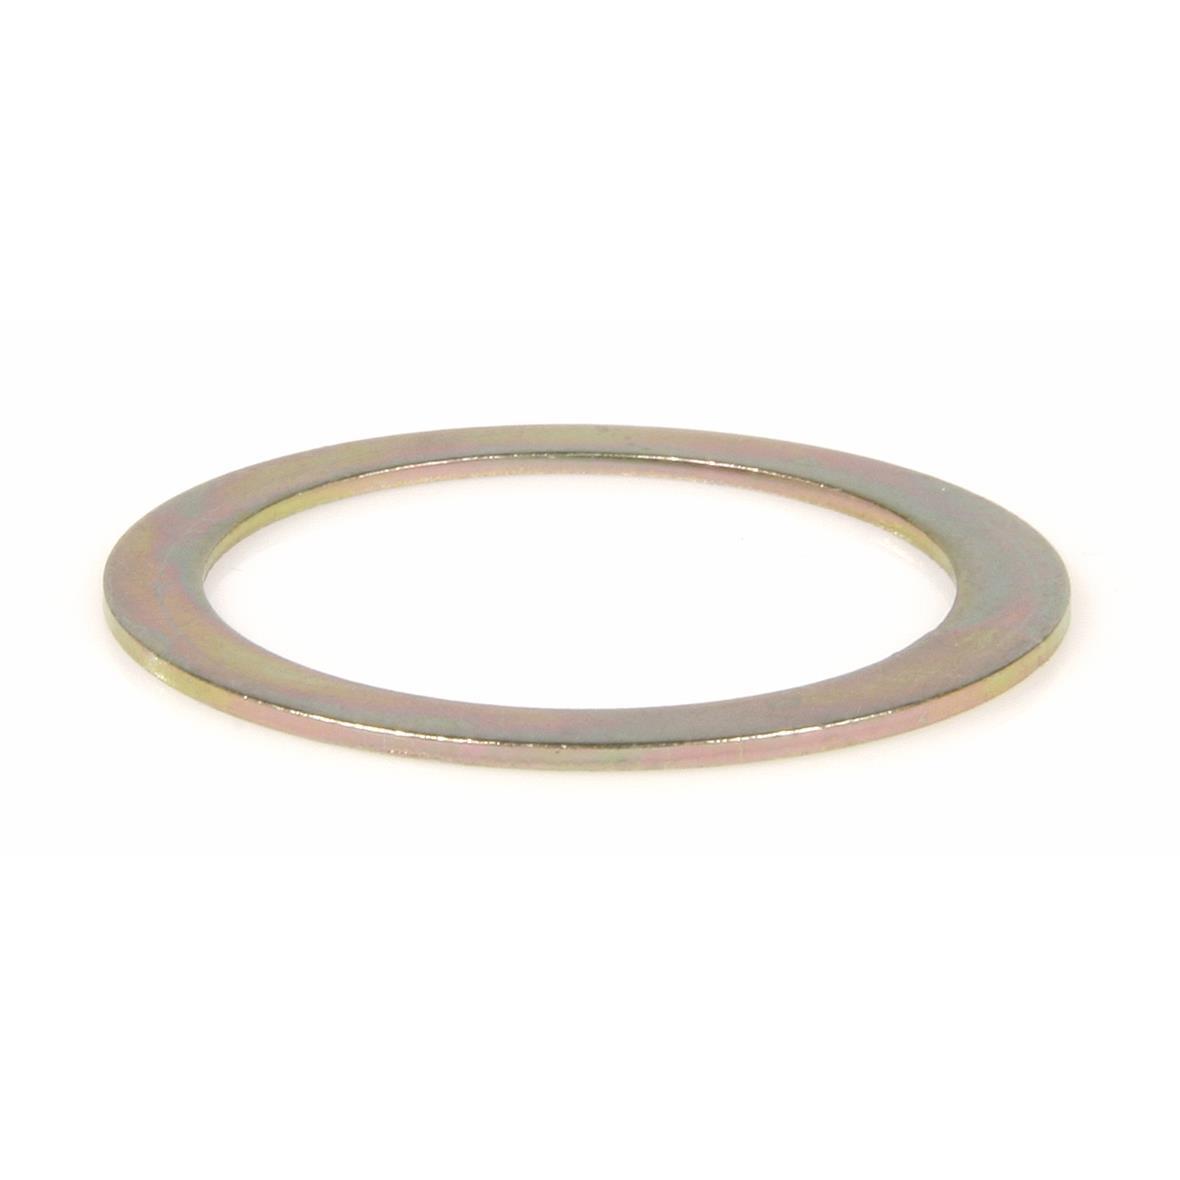 Produktbild für 'Scheibe Schalt-/Gasrohr Ø 31x24x1 mm'